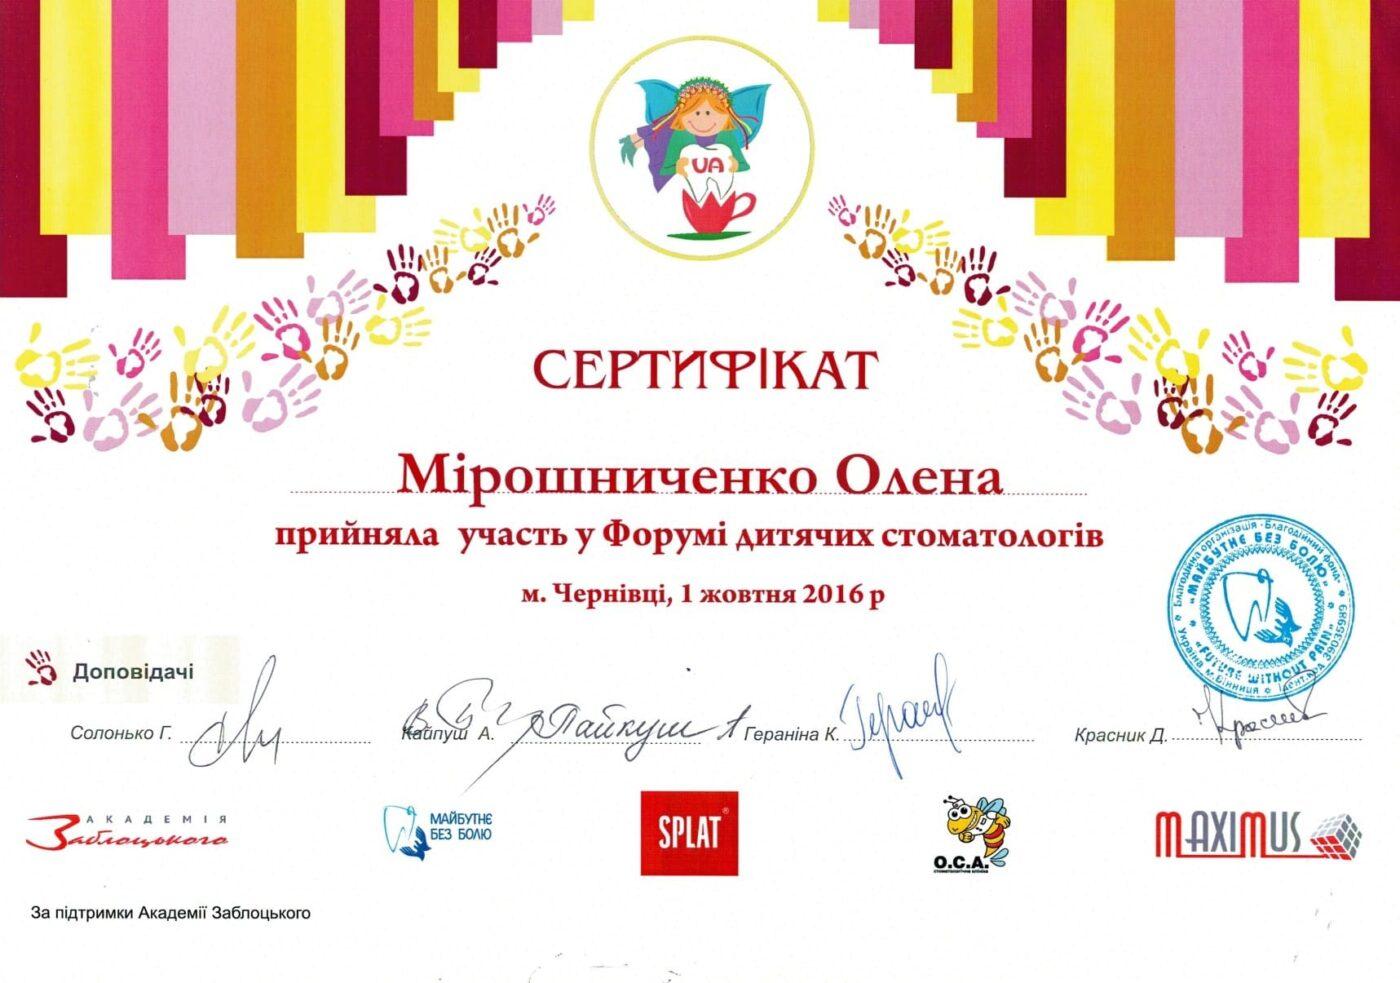 Сертифікат дитячого лікаря стоматолога Мірошниченко Олени Вікторівни об участі у (Форумі дитячих стоматологів)